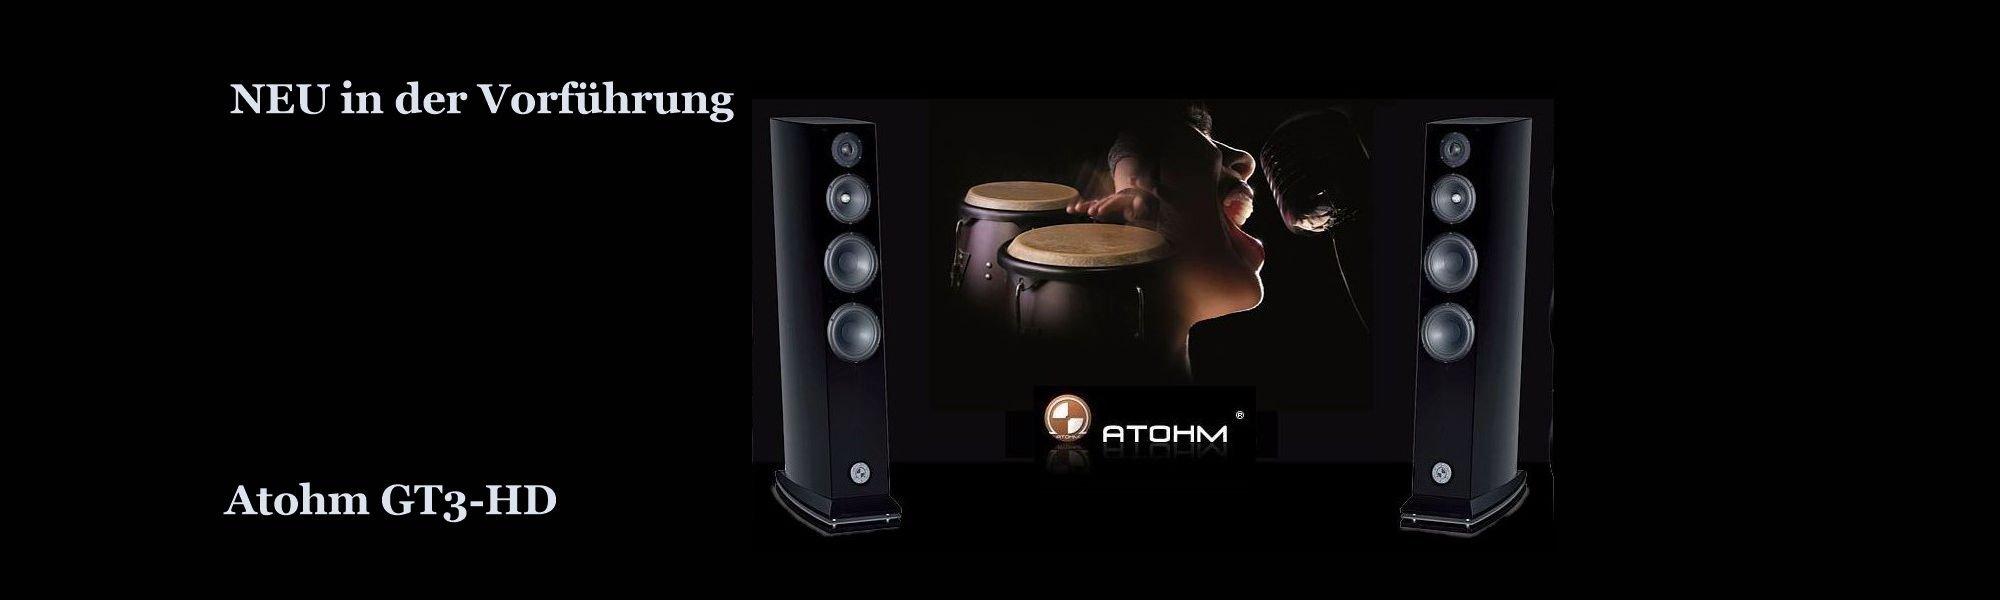 Atohm GT3-HD Standlautsprecher kaufen